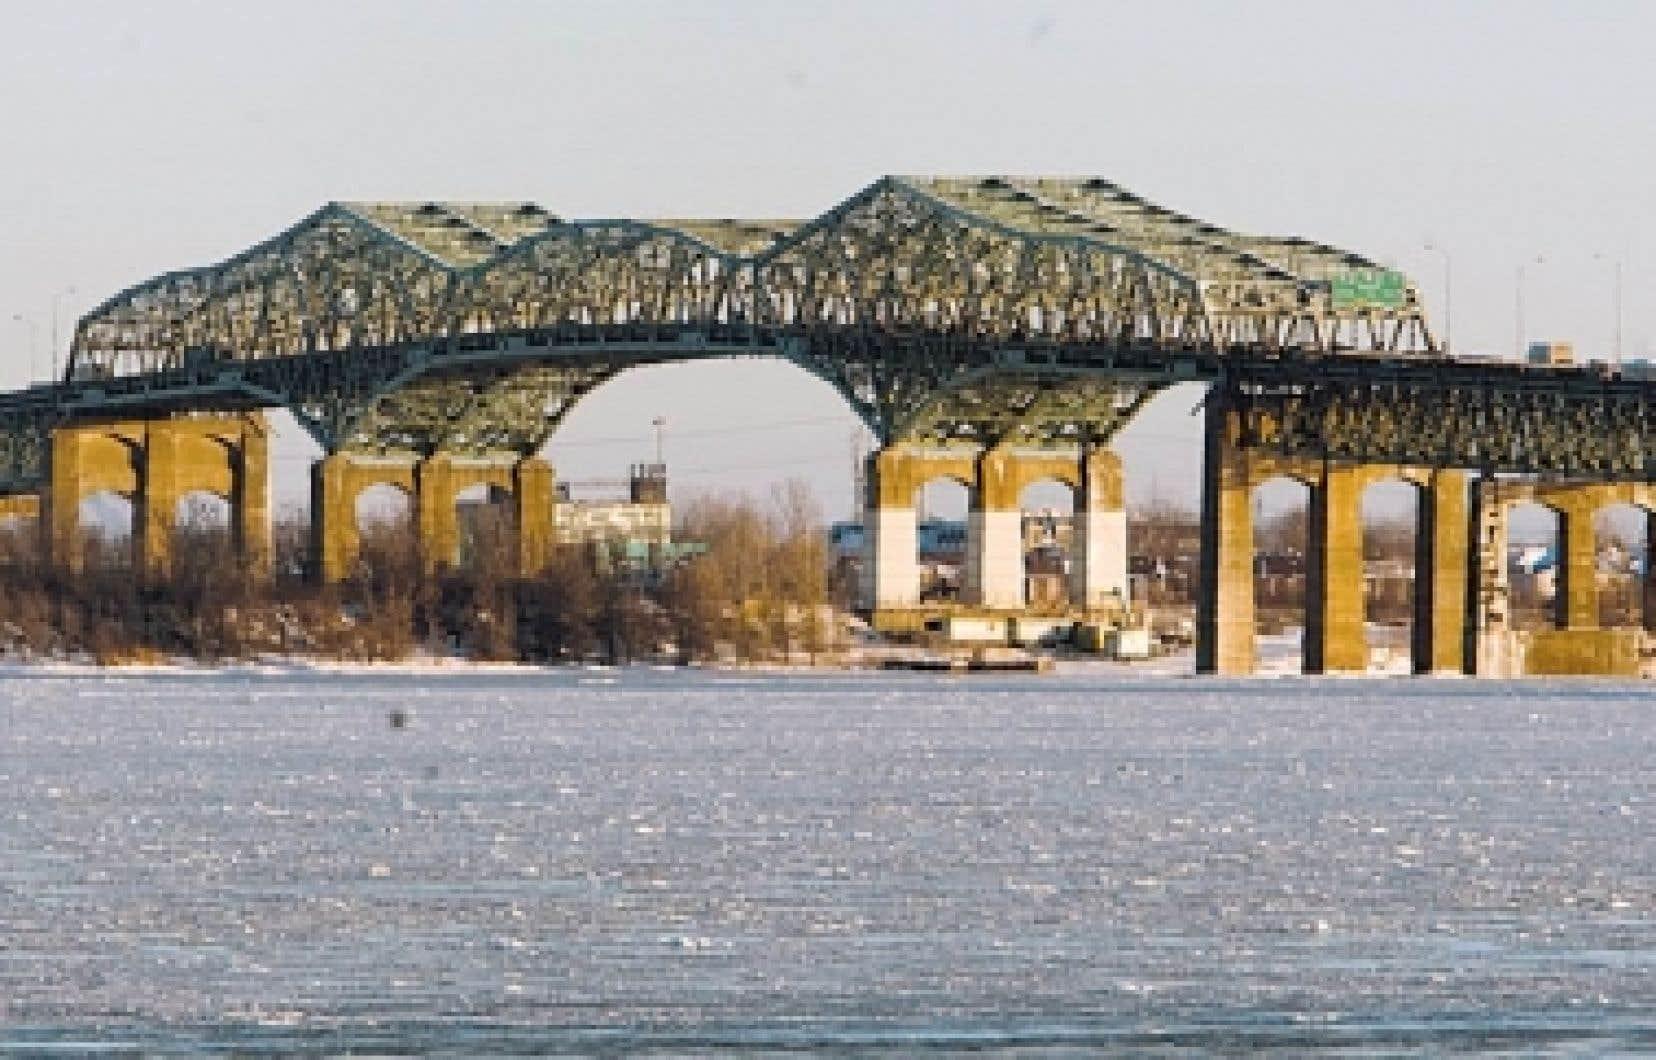 Il faut réfléchir aux objectifs des travaux de remplacement du pont Champlain dans un cadre qui dépasse la simple traversée du fleuve, mais qui positionne le pont au sein d'un système de transport.